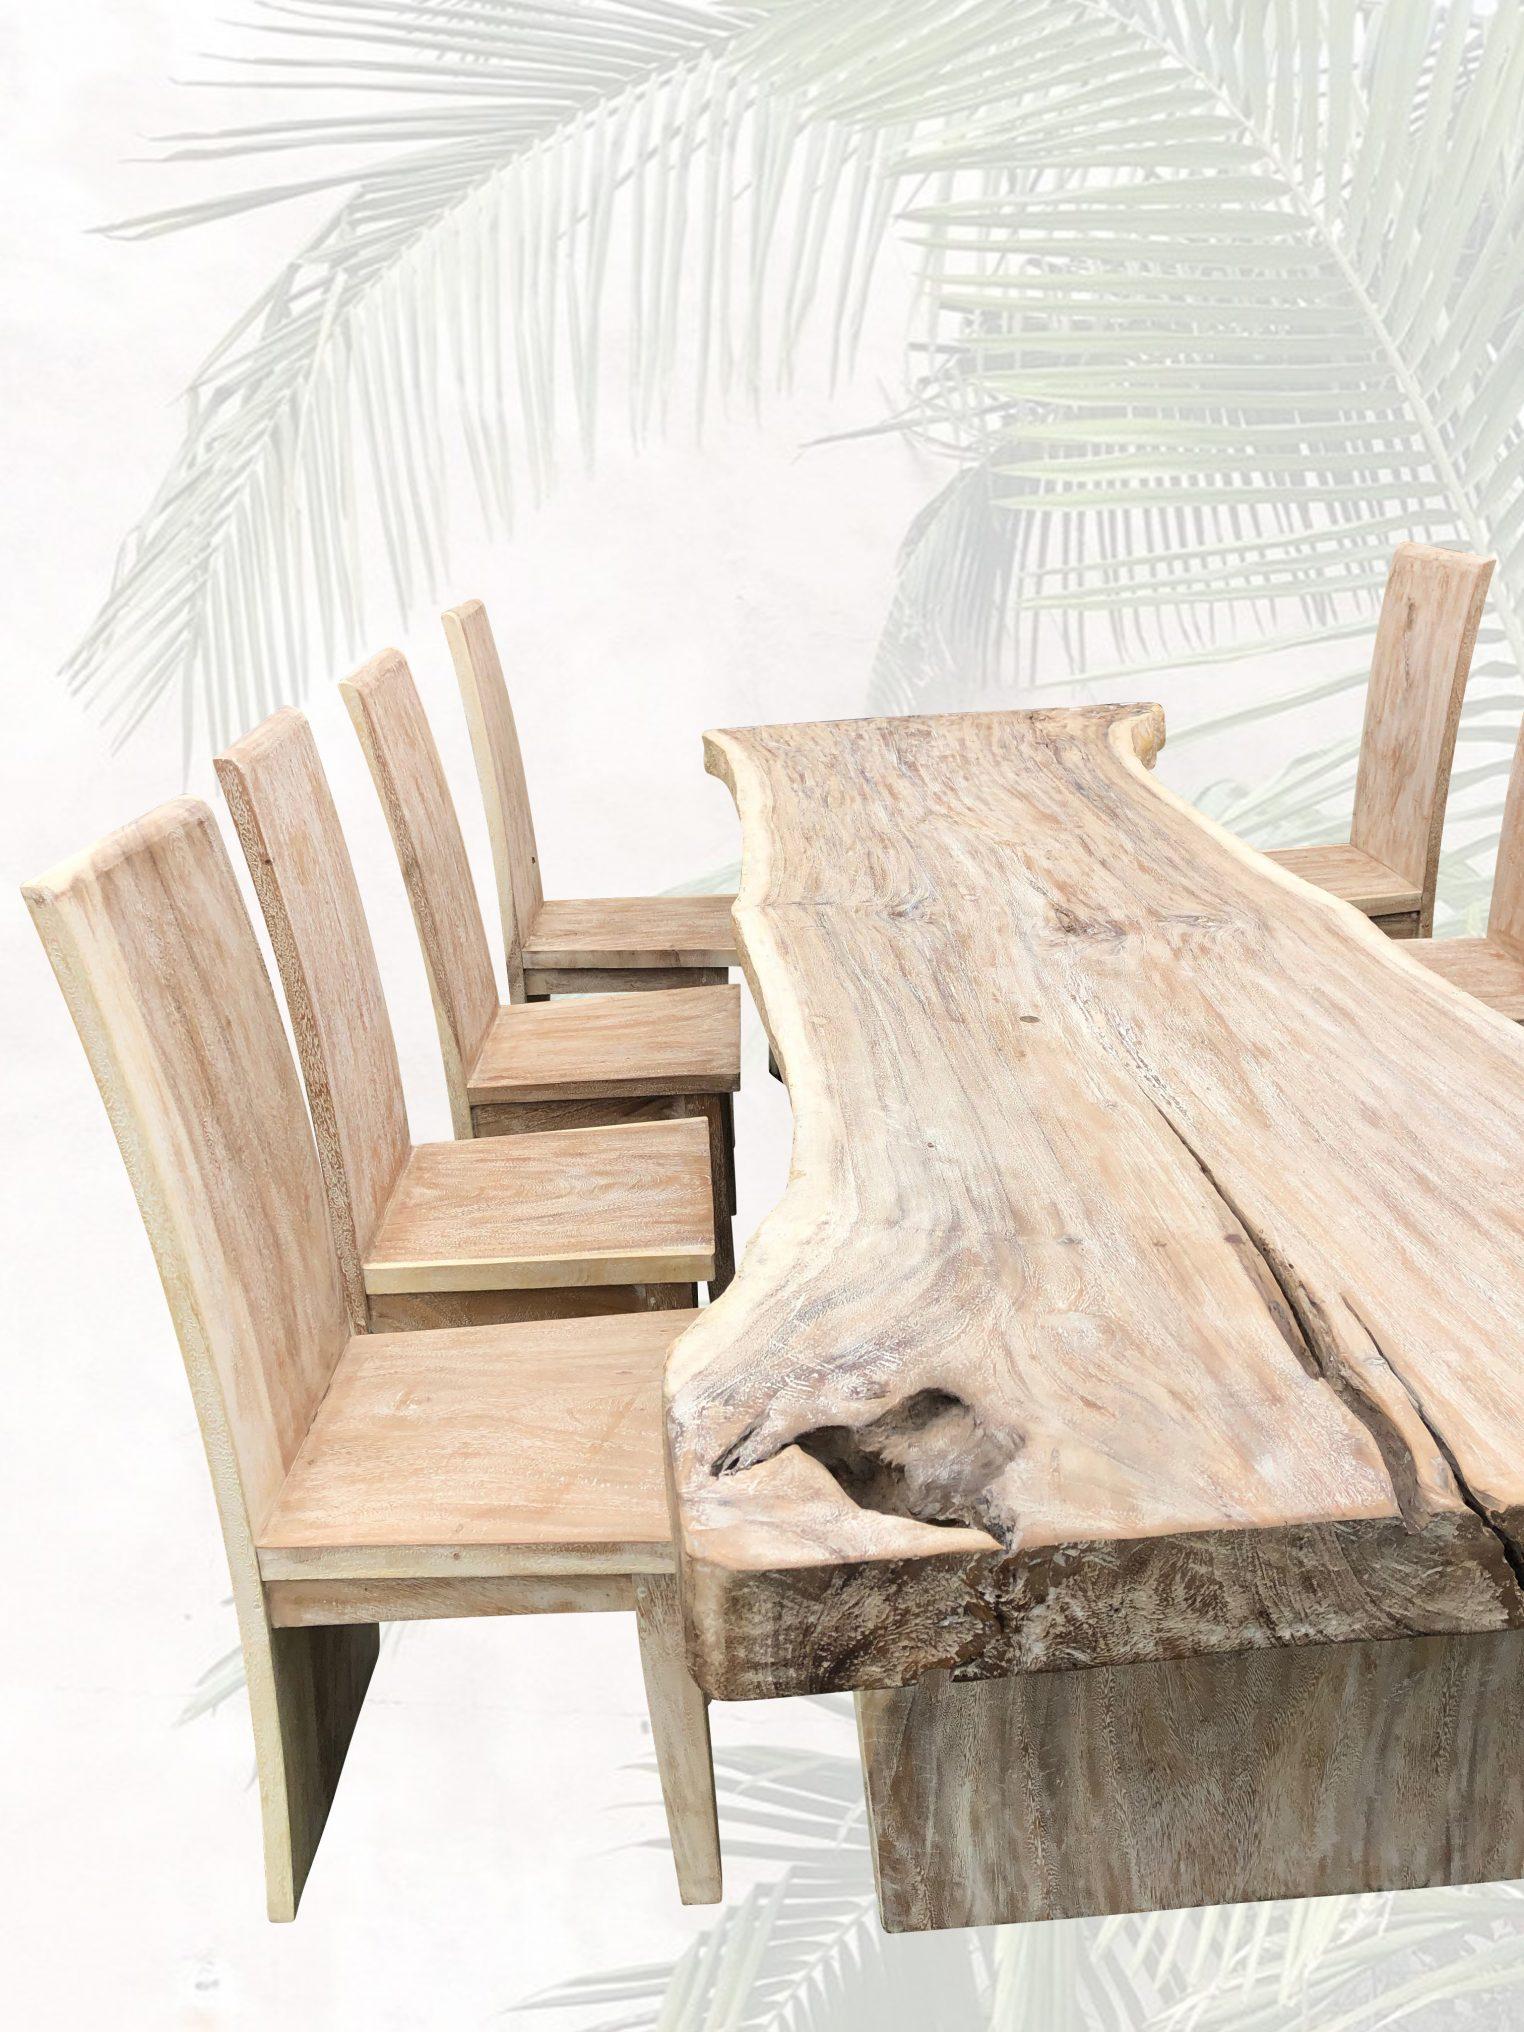 Full Size of Groer Esstisch Massivholz Mit 8 Sthlen Dari Asia Antike Massiv Sofa 80x80 Glas Moderne Esstische Für Ausziehbar Landhaus Modern Beton Rustikal Holz Industrial Esstische Esstisch Stühle